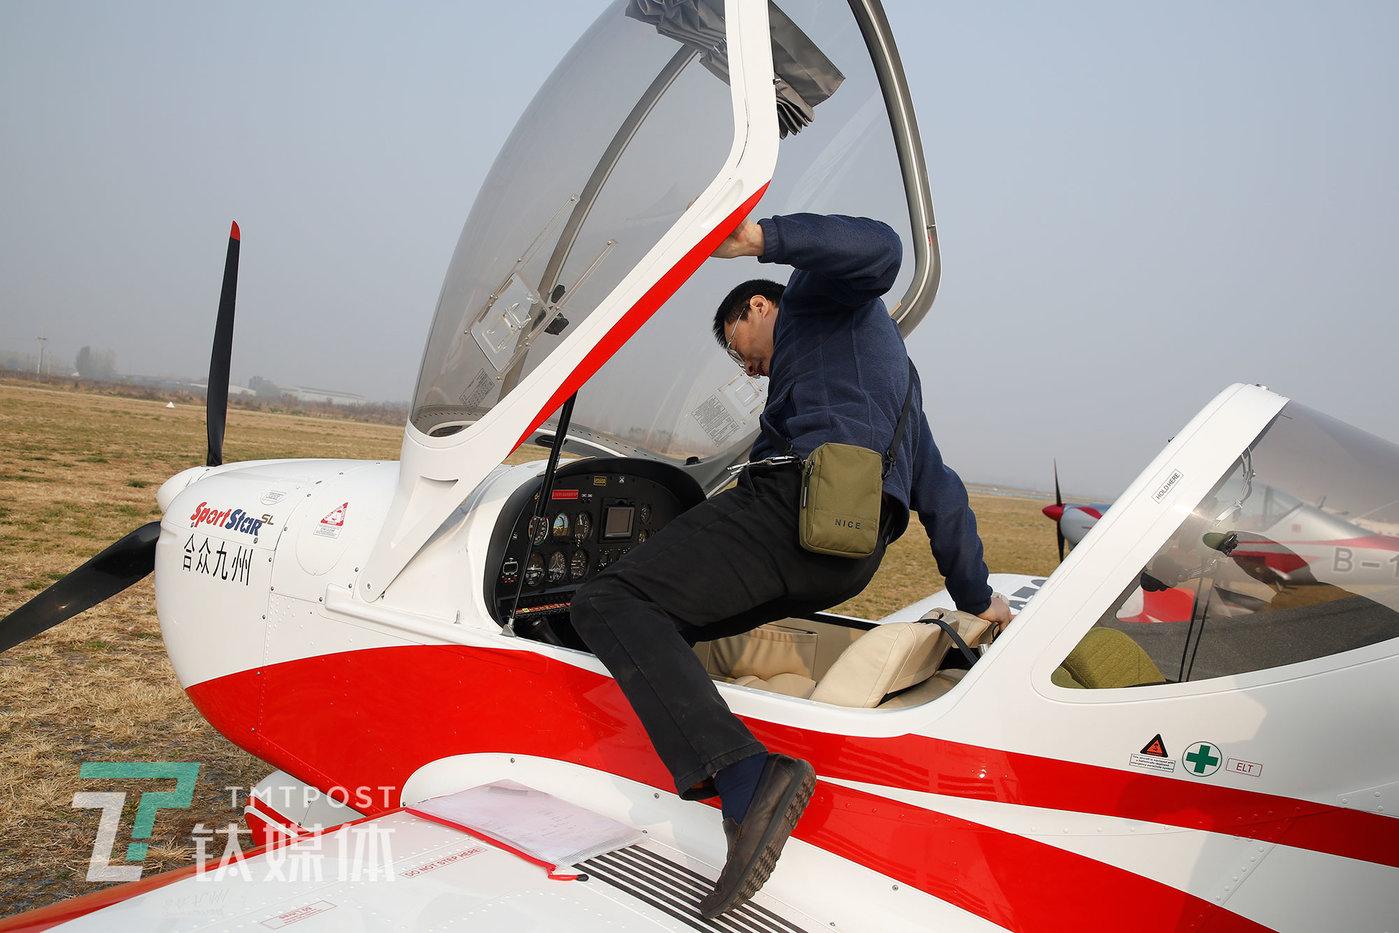 2020年11月15日,贺新上飞机开始飞行训练。